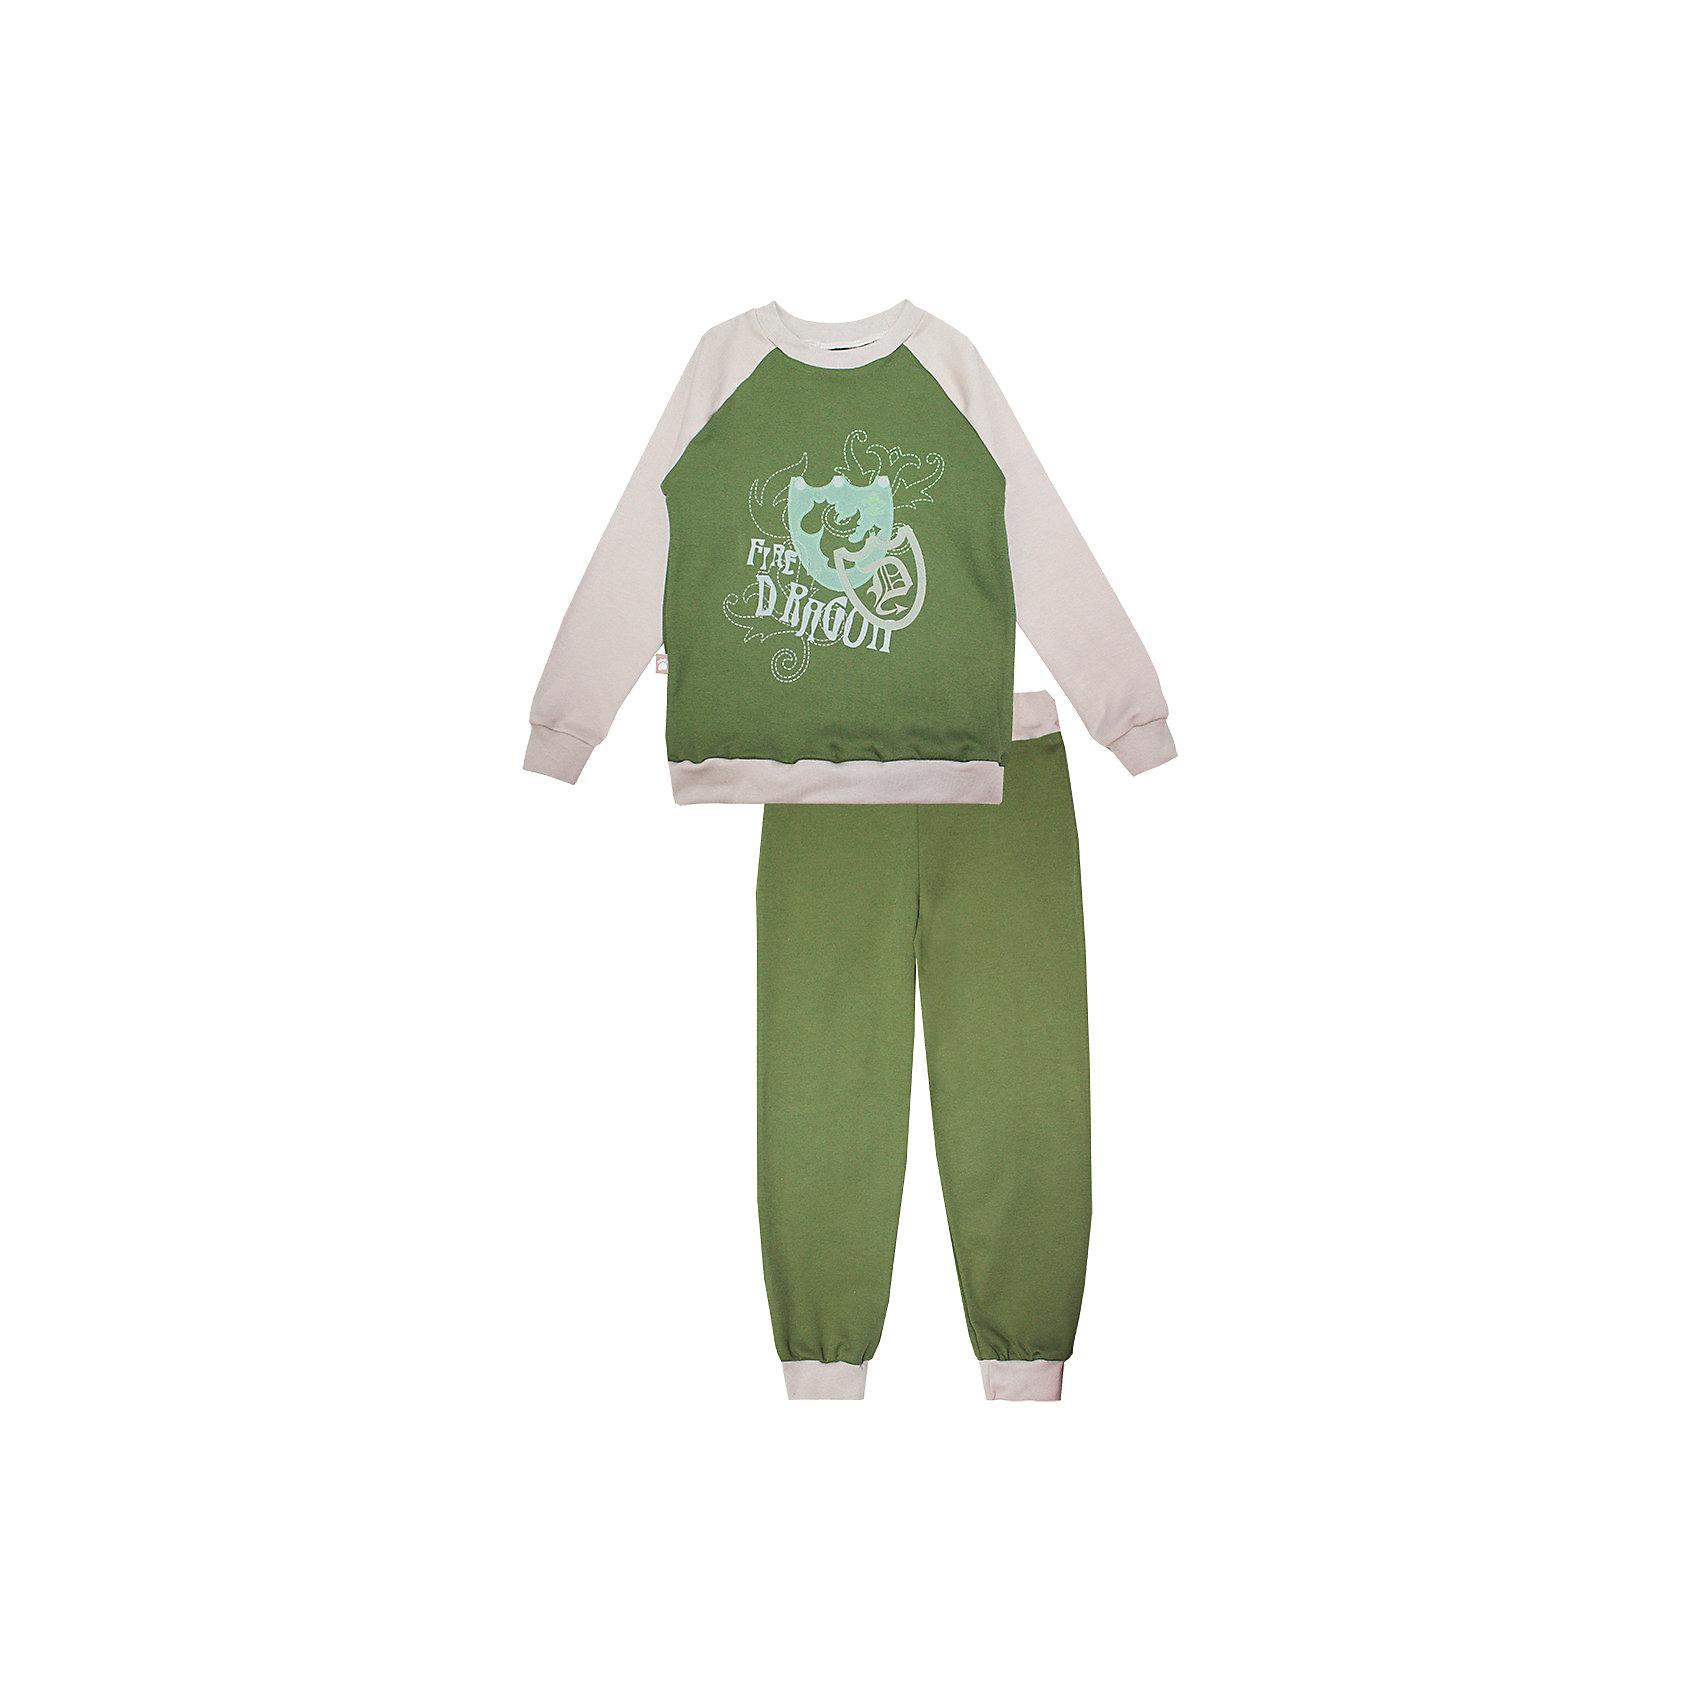 Пижама: футболка с длинным рукавом и штаны для мальчика KotMarKotПижамы и сорочки<br>Пижама: футболка с длинным рукавом и штаны для мальчика от известного бренда KotMarKot<br>Состав:<br>100% хлопок<br><br>Ширина мм: 281<br>Глубина мм: 70<br>Высота мм: 188<br>Вес г: 295<br>Цвет: зеленый<br>Возраст от месяцев: 36<br>Возраст до месяцев: 48<br>Пол: Мужской<br>Возраст: Детский<br>Размер: 104,116,134,110,122,128<br>SKU: 4873318